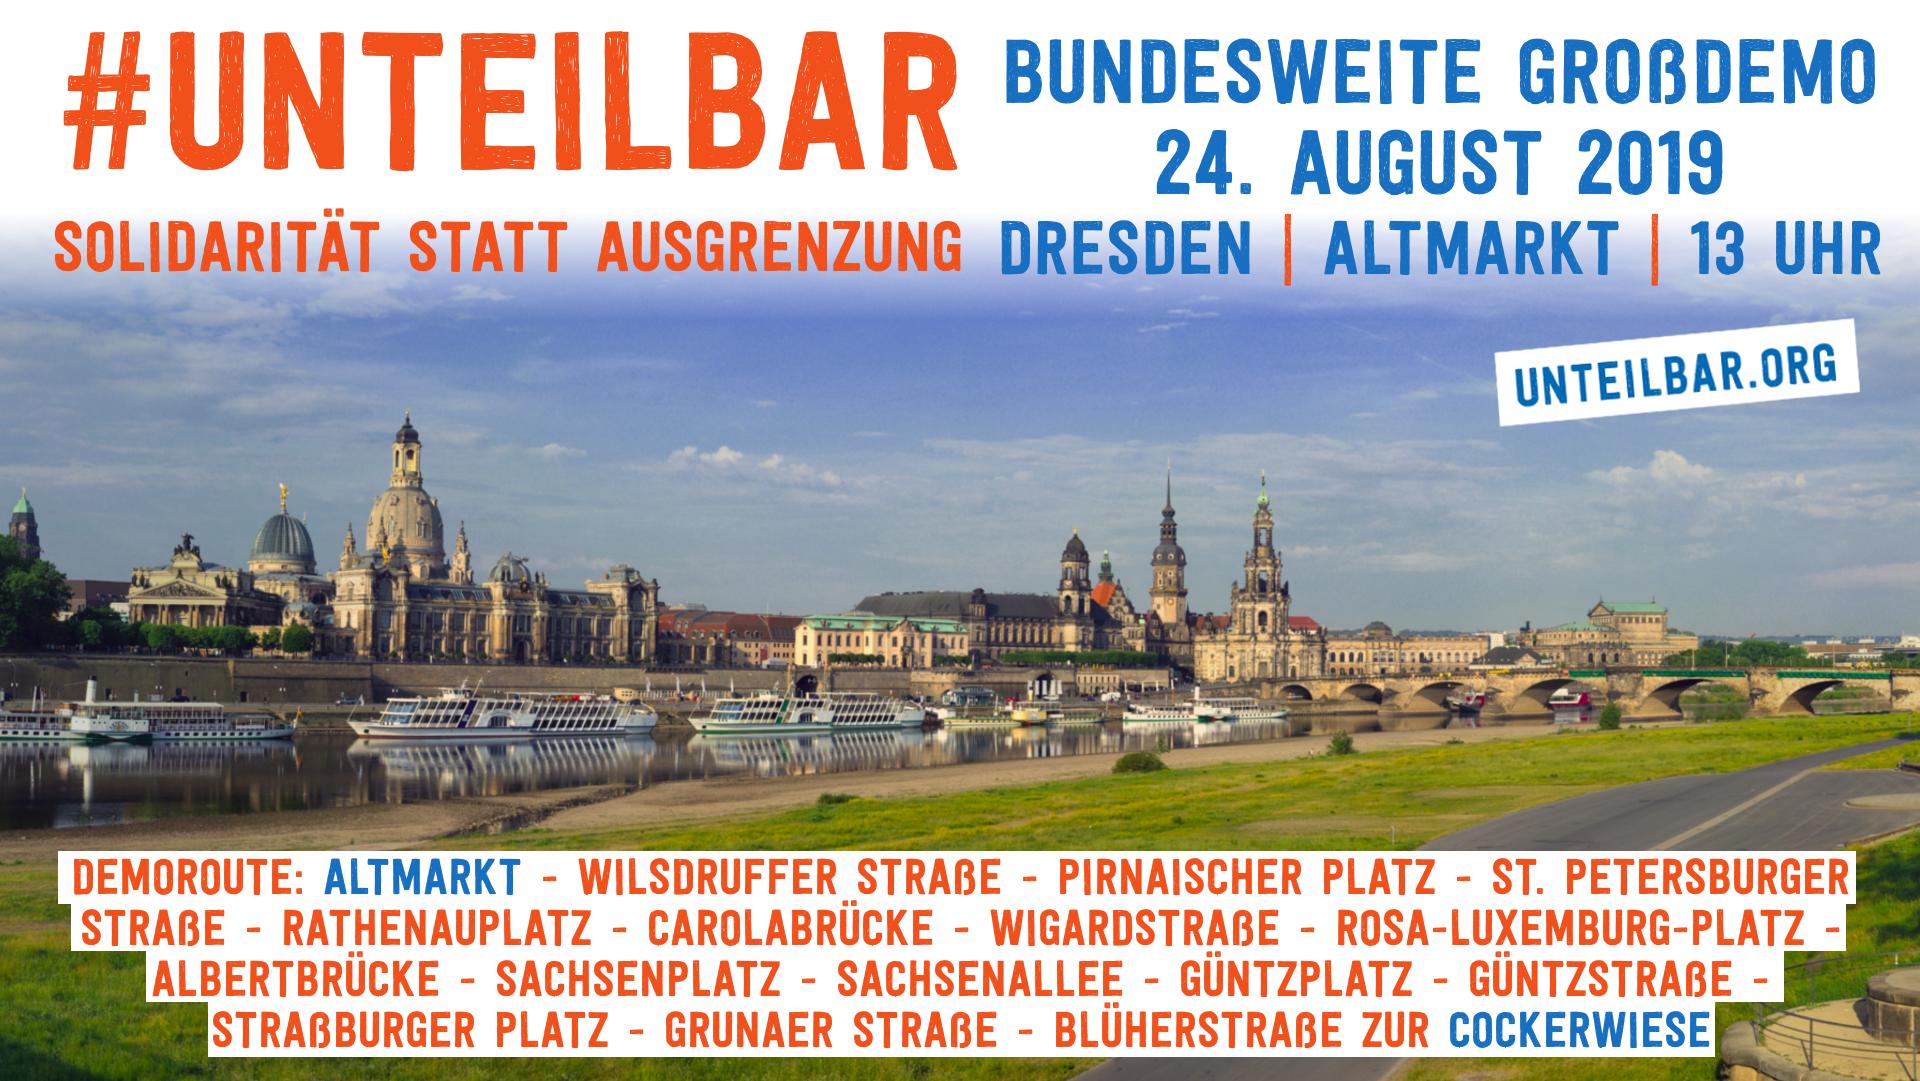 Demo Dresden Unteilbarorg